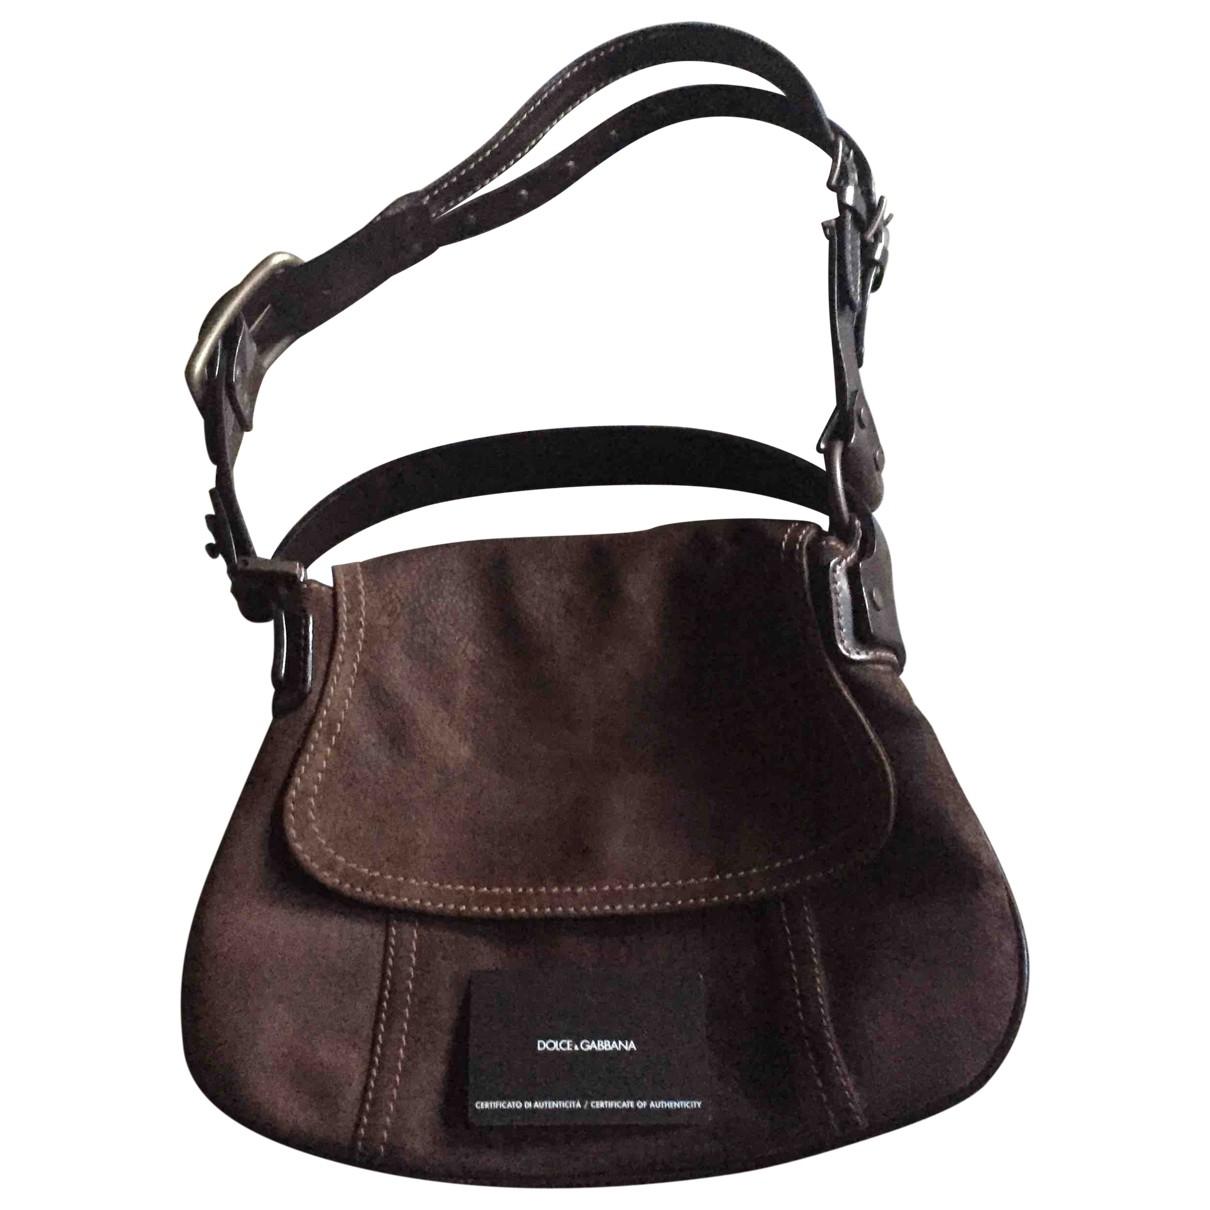 Dolce & Gabbana \N Handtasche in  Braun Veloursleder